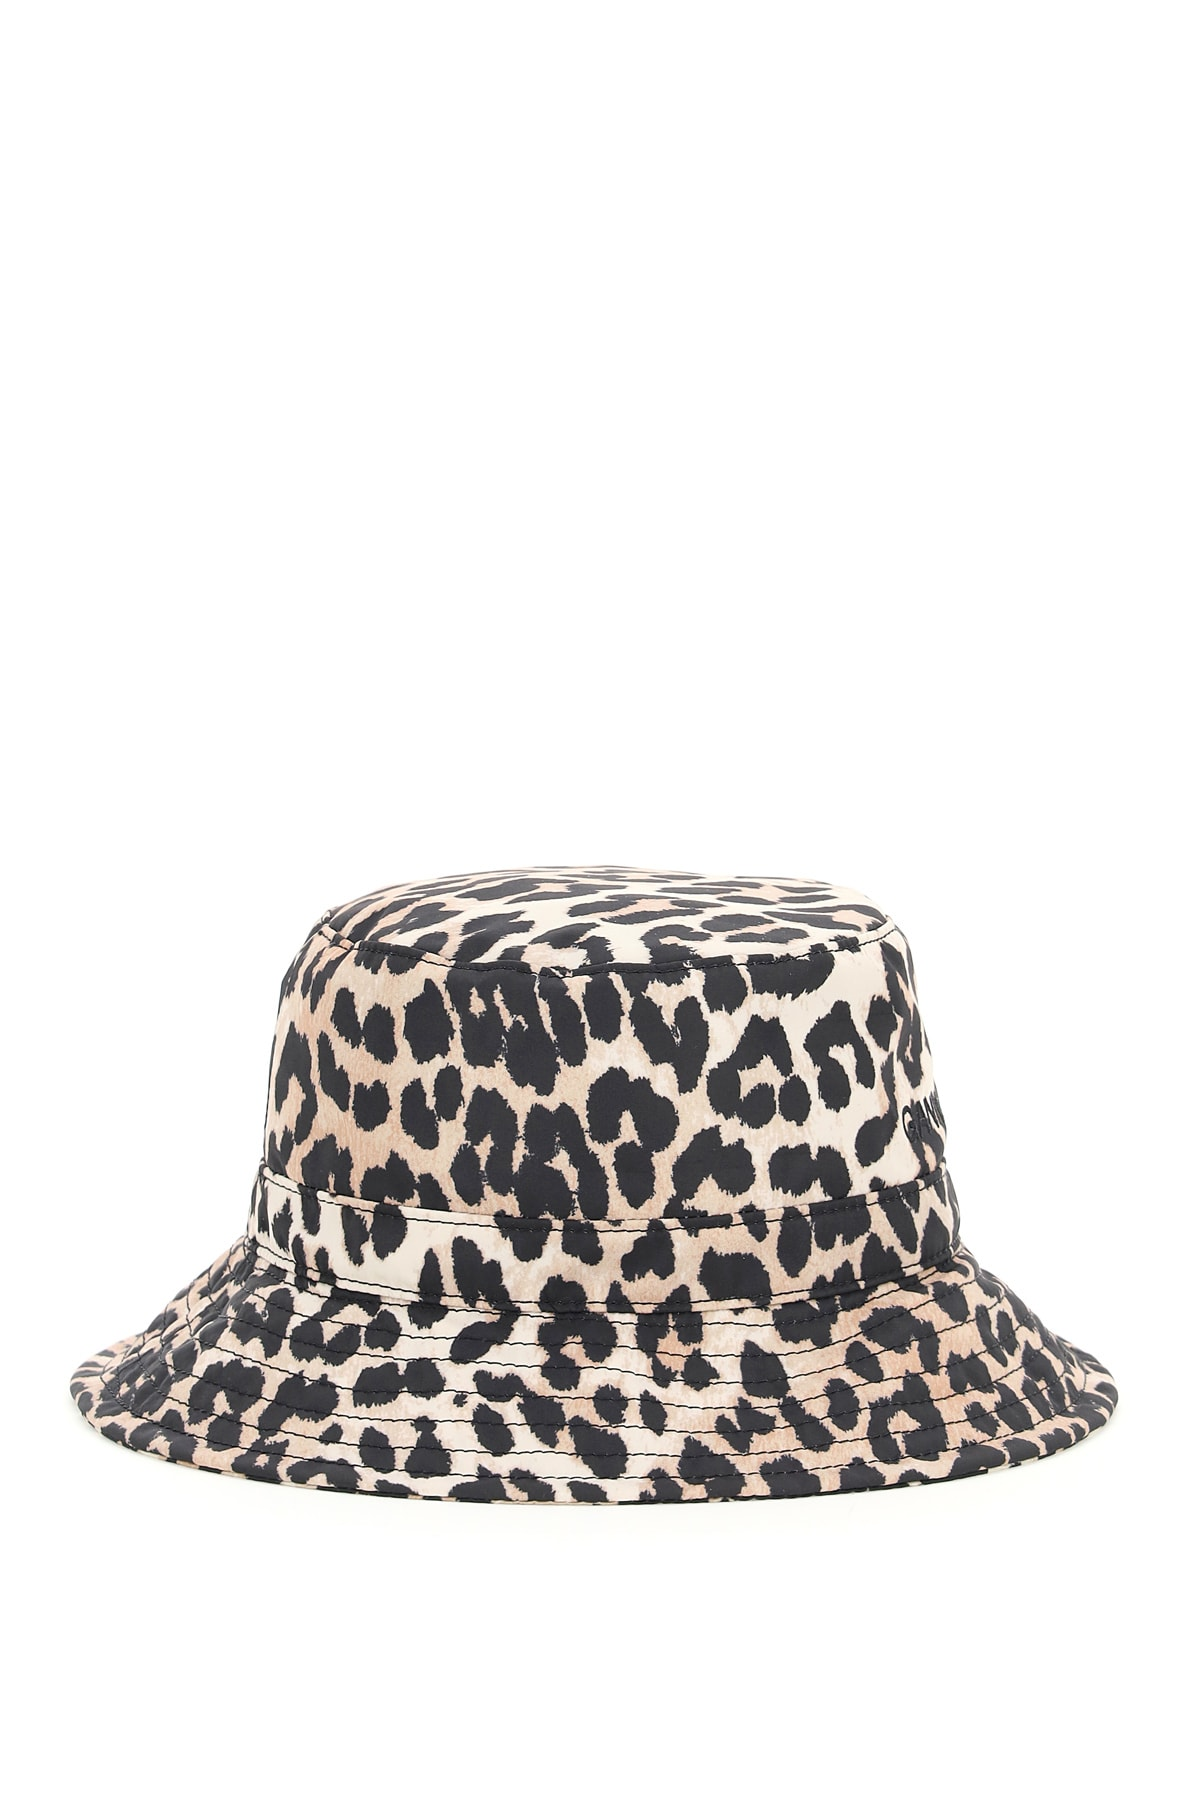 Ganni Hats ANIMALIER BUCKET HAT